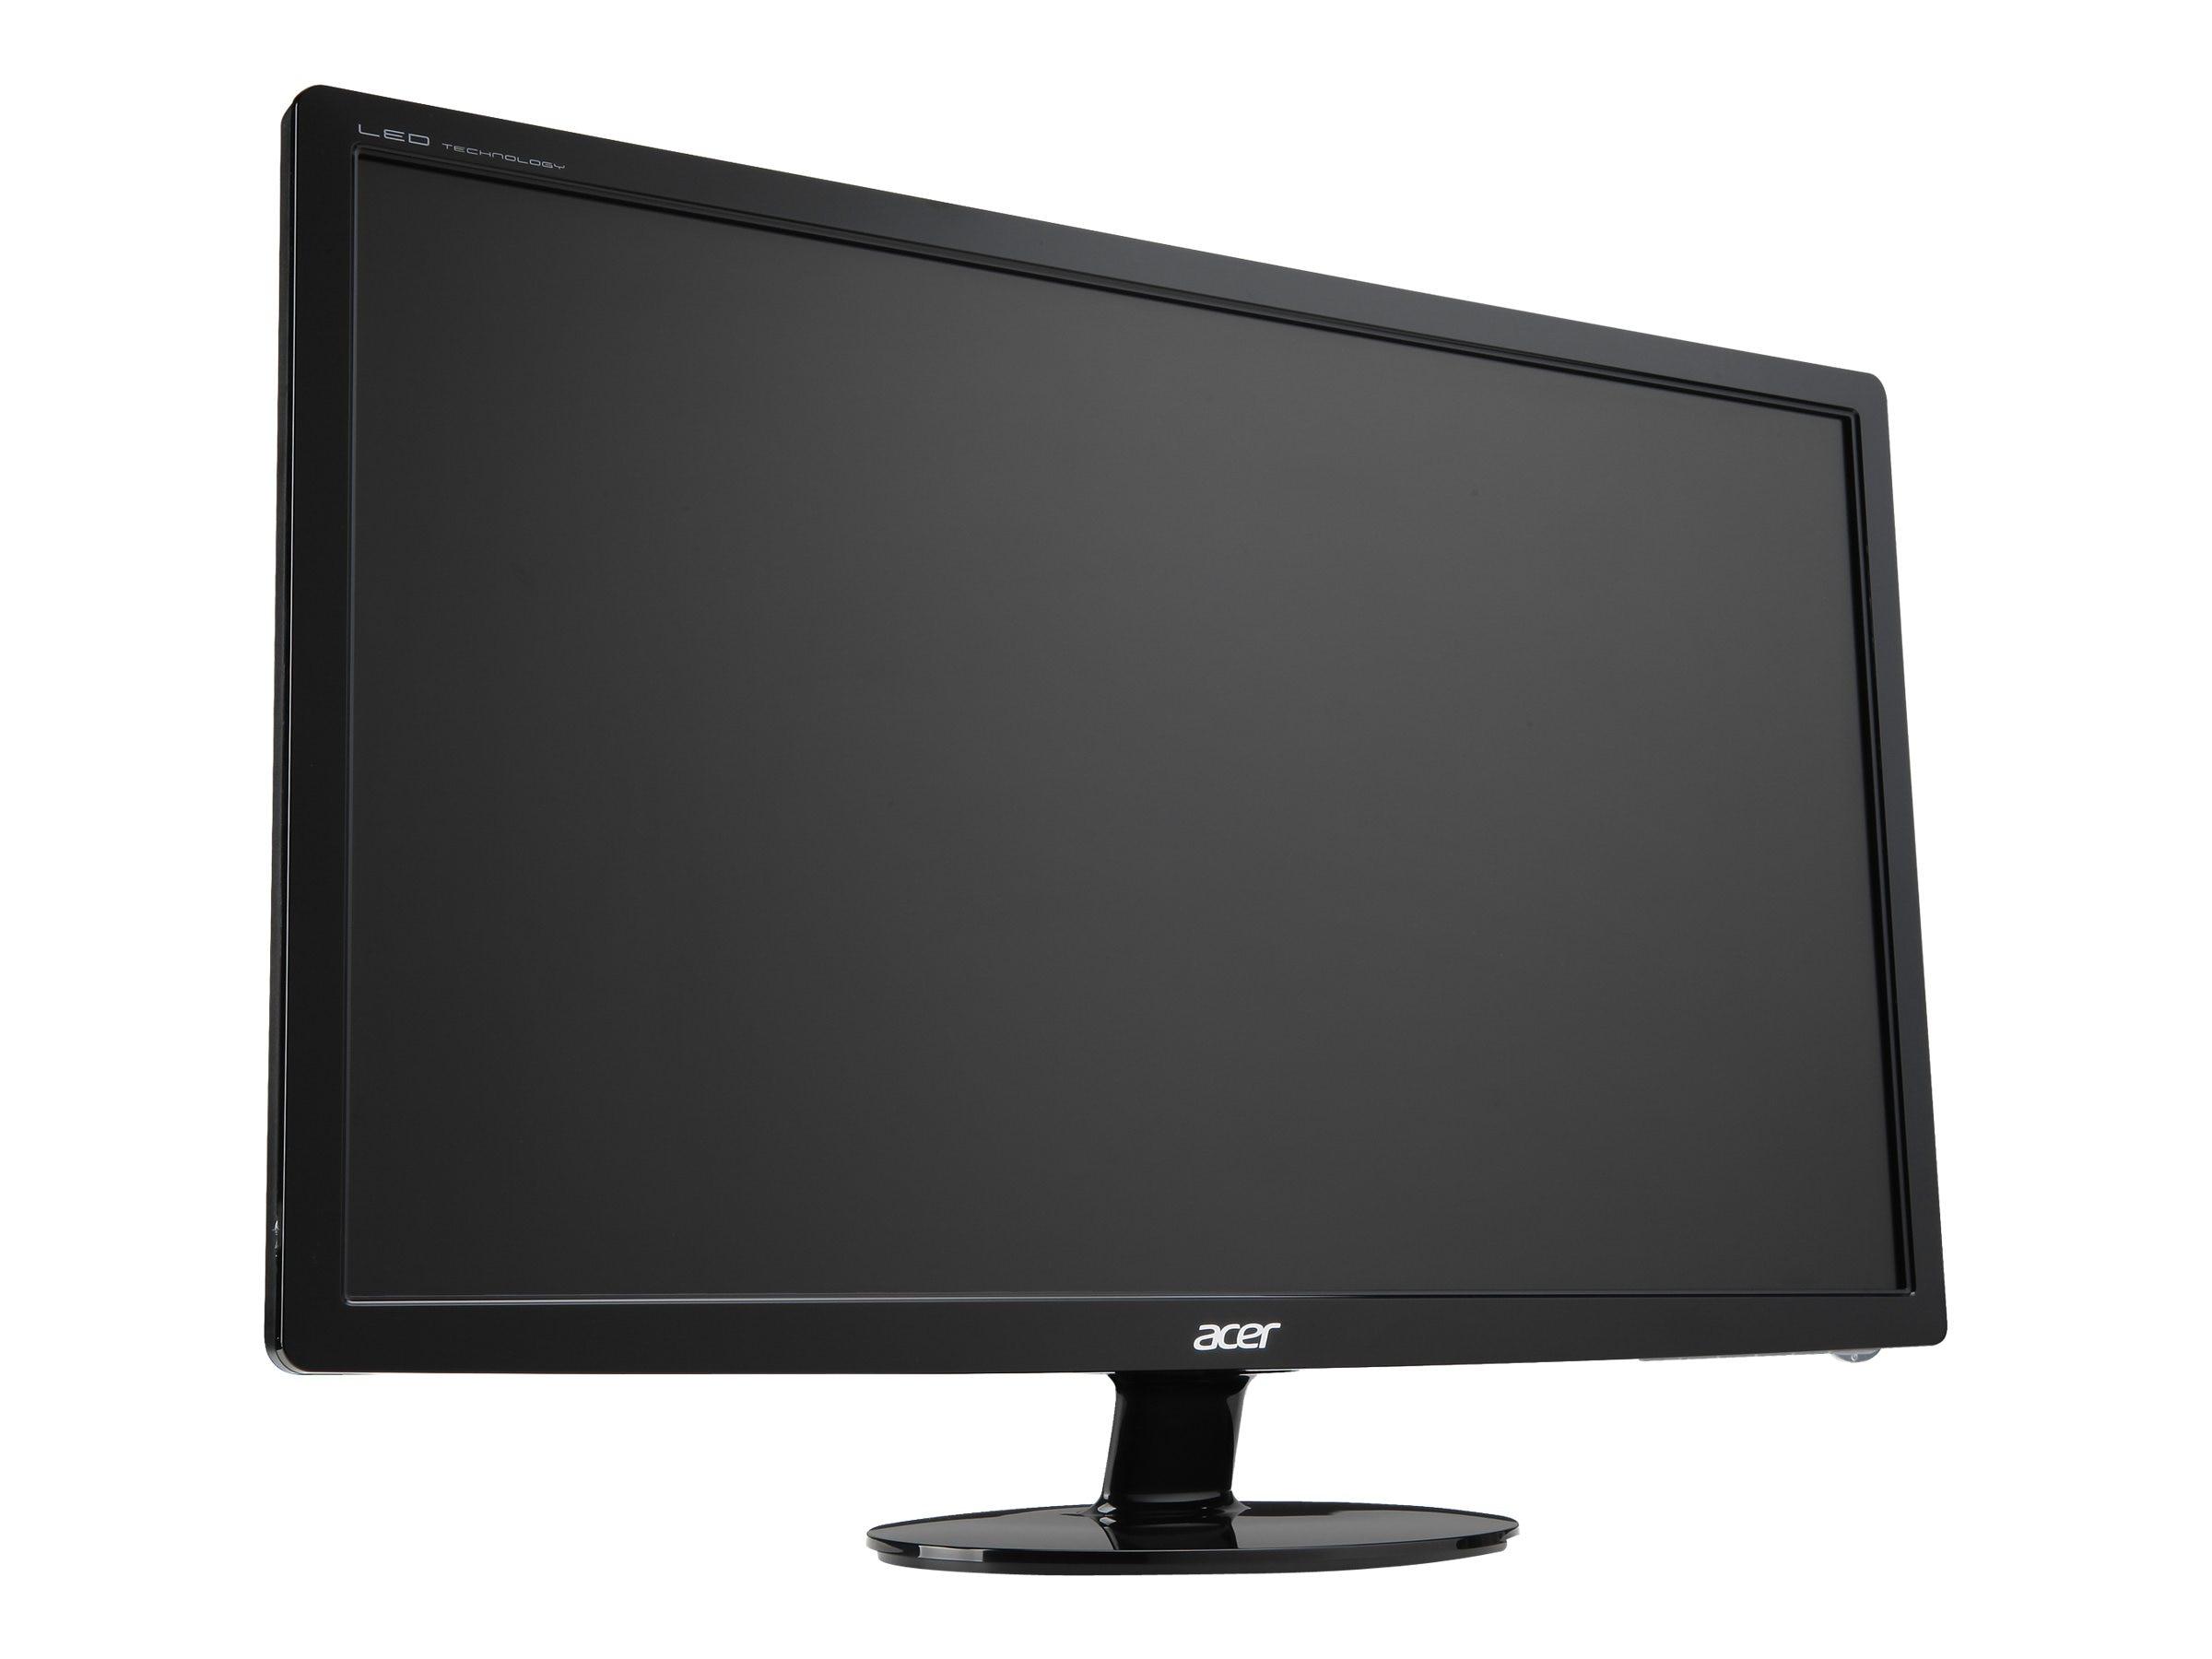 Acer UM.FS1AA.001 Image 3